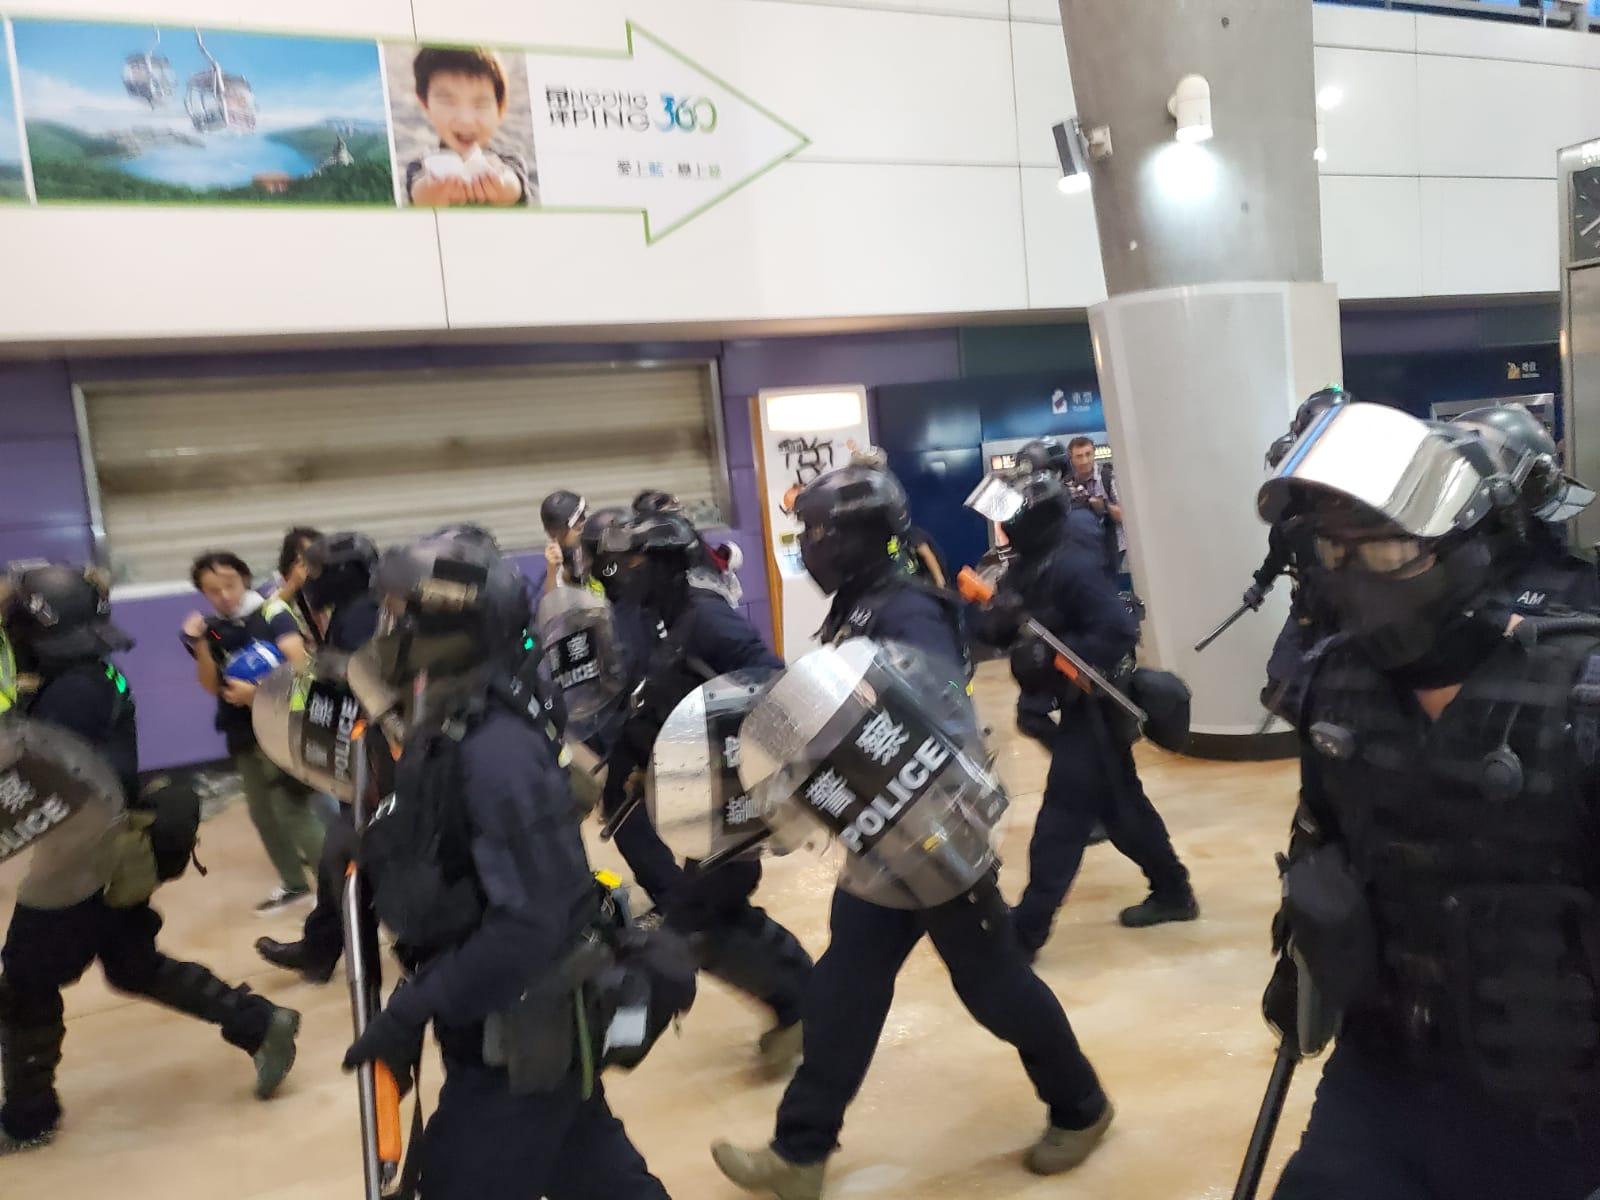 【堵塞機場】防暴警進東涌站清場 一度登列車車廂截查